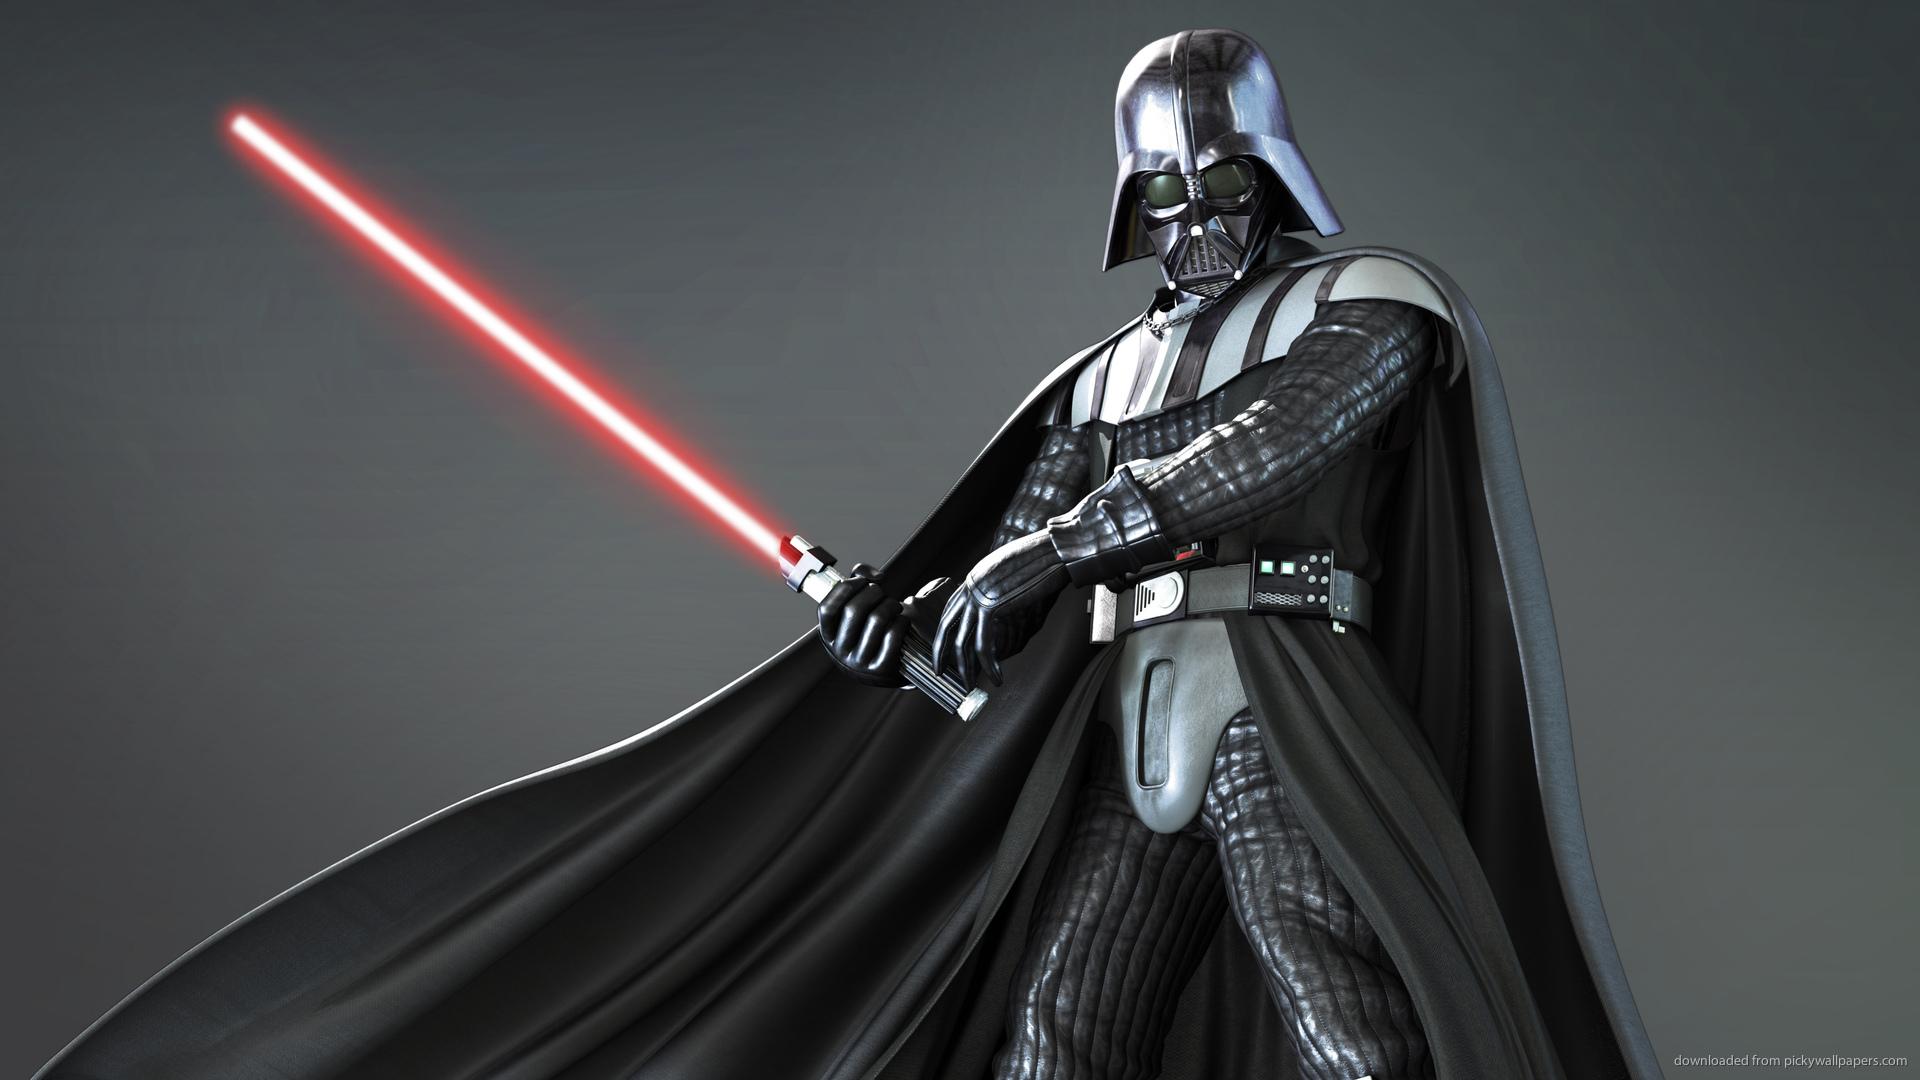 Darth Vader wallpaper 106847 1920x1080